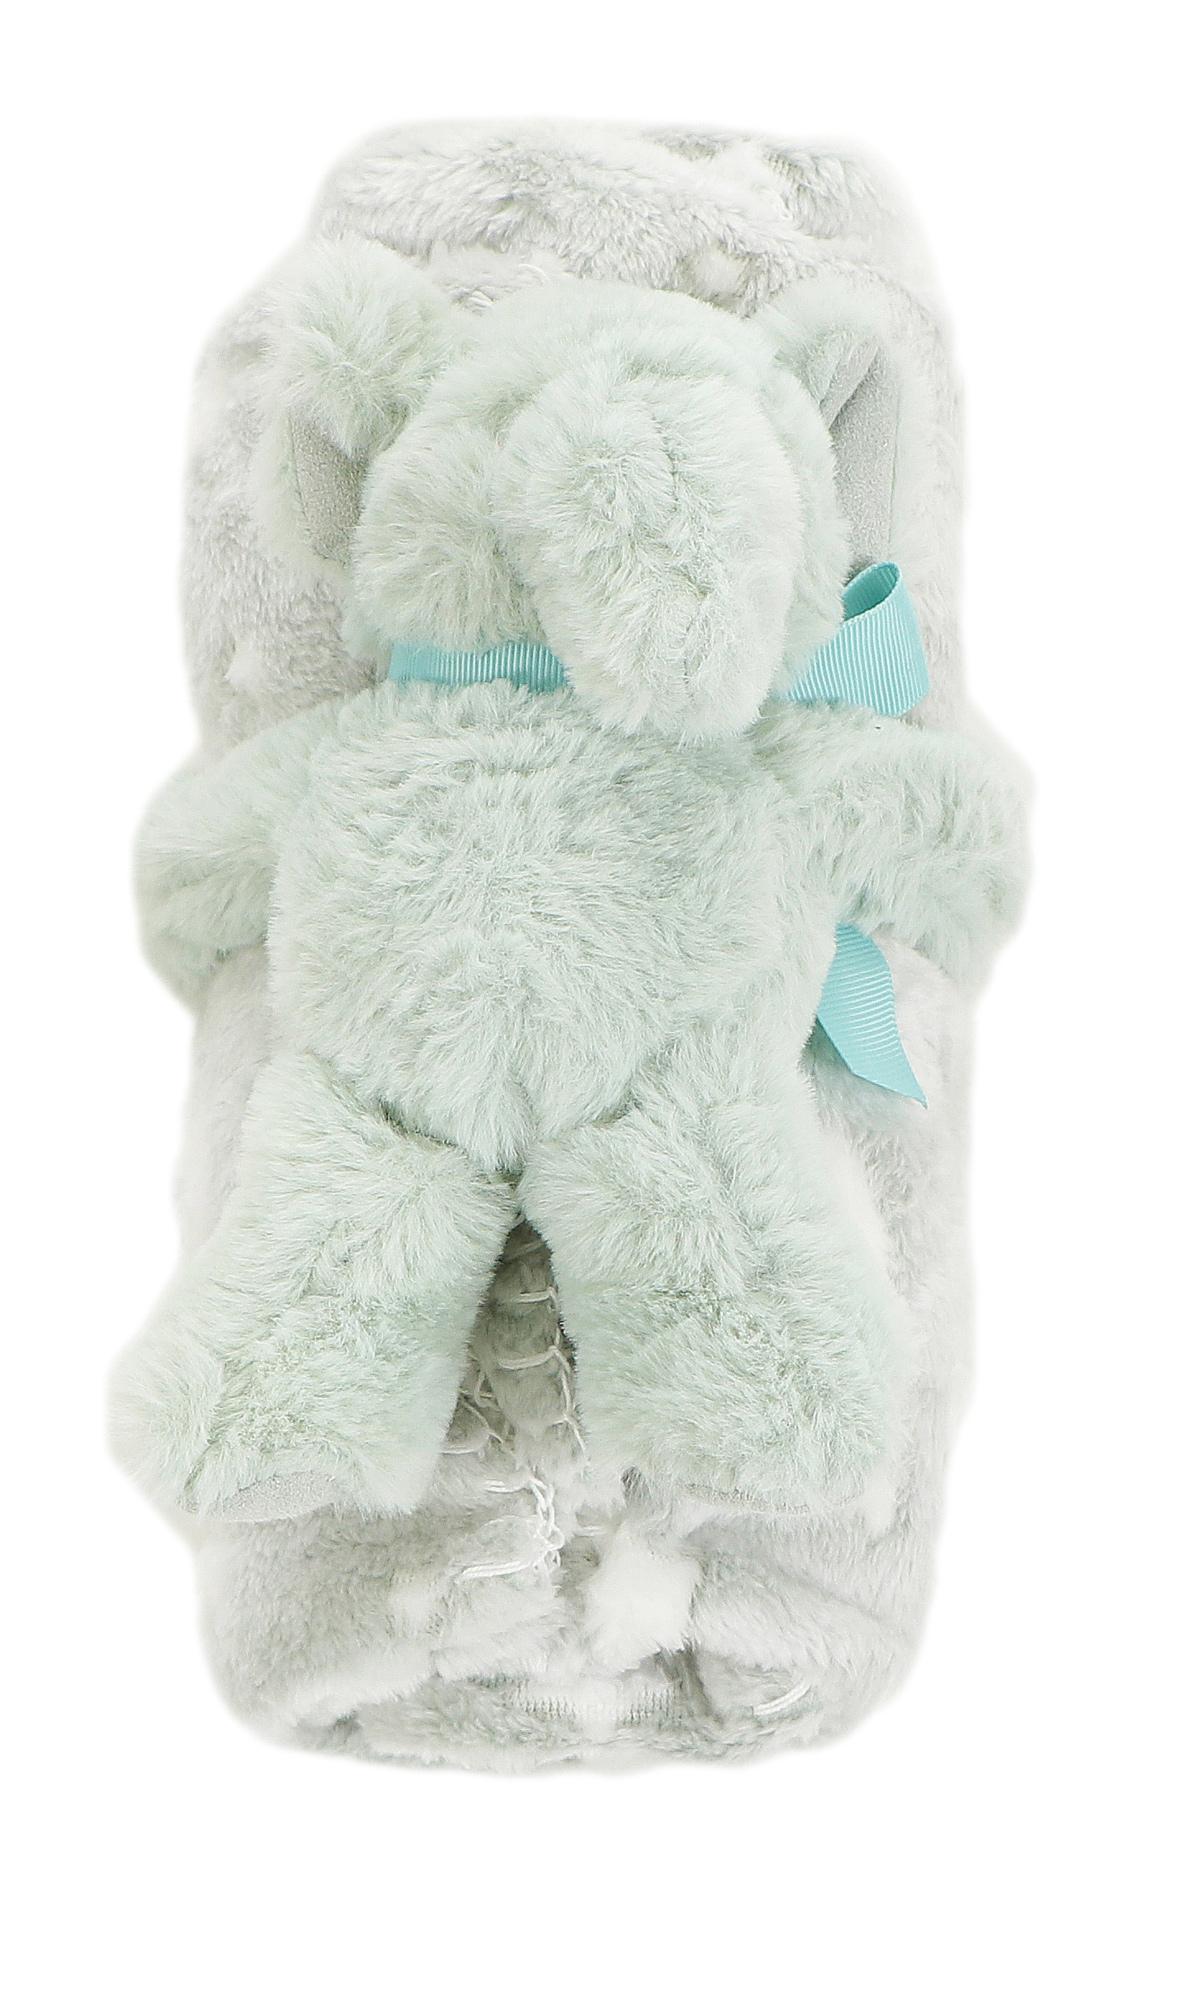 baby schmusedecke kuscheldecke mit stofftier kinderwagen krabbeldecke bf 000033 ebay. Black Bedroom Furniture Sets. Home Design Ideas